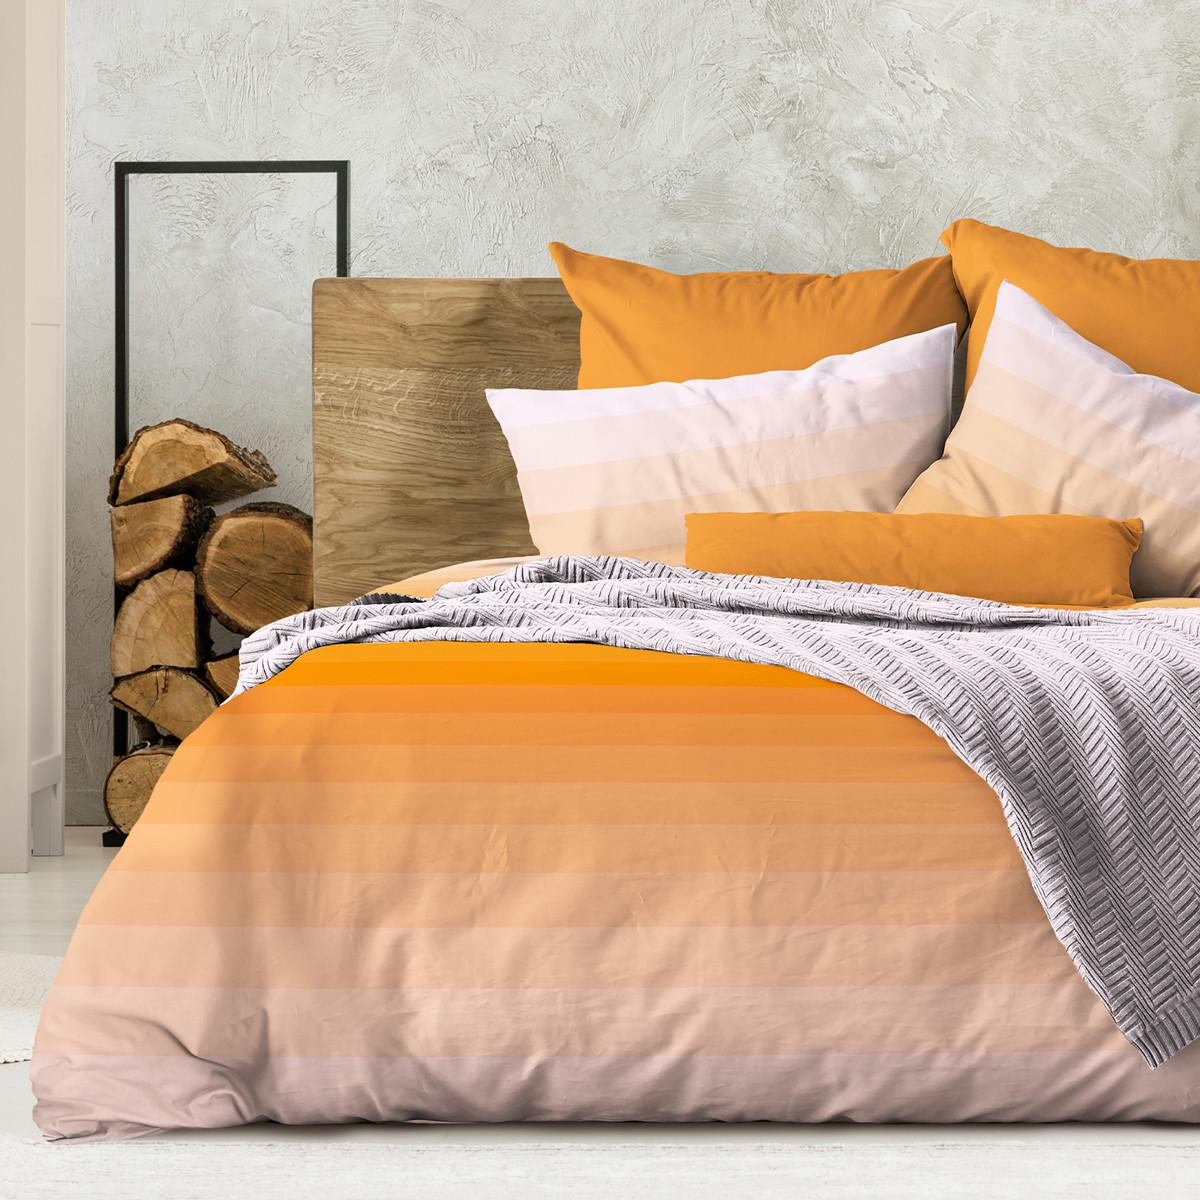 Wenge Комплект постельного белья Flow Orange, WENGE  1.5 спальный(наволочки 70х70) ,